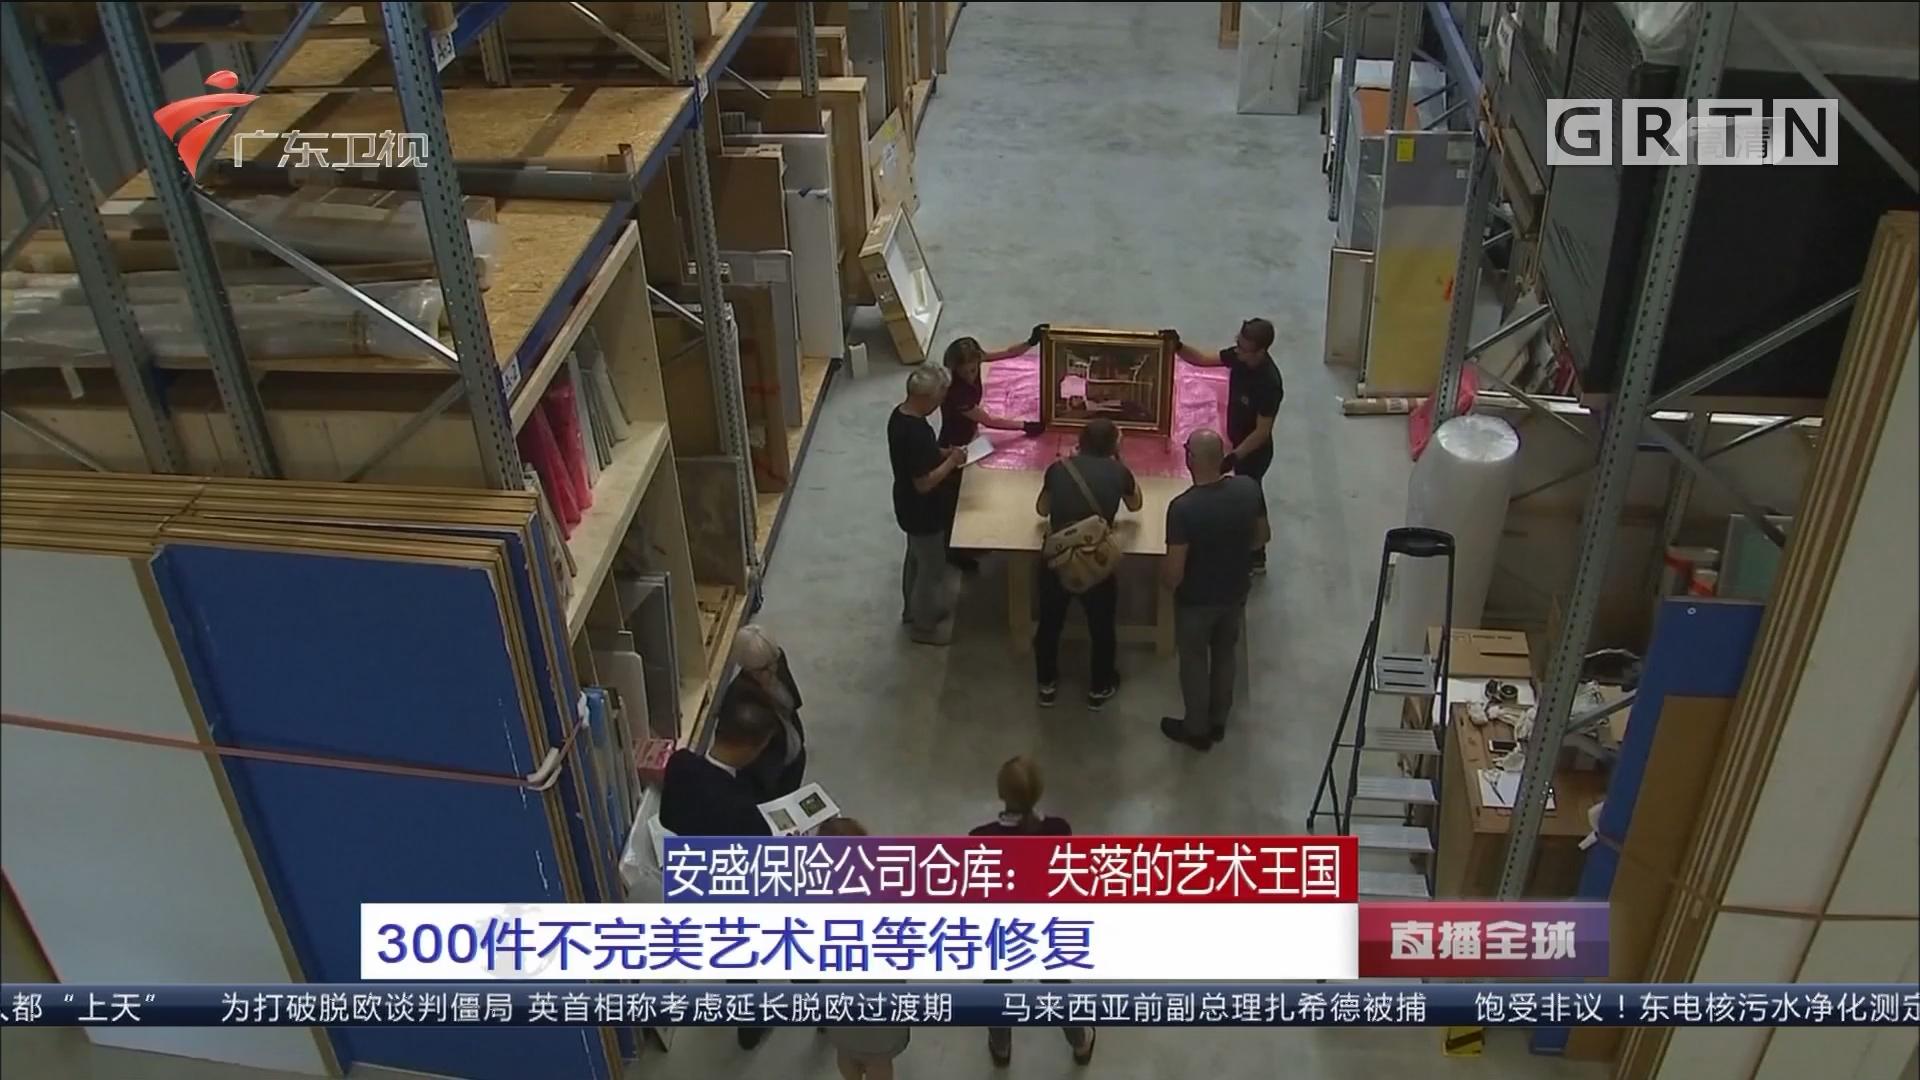 安盛保险公司仓库:失落的艺术王国 300件不完美艺术品等待修复